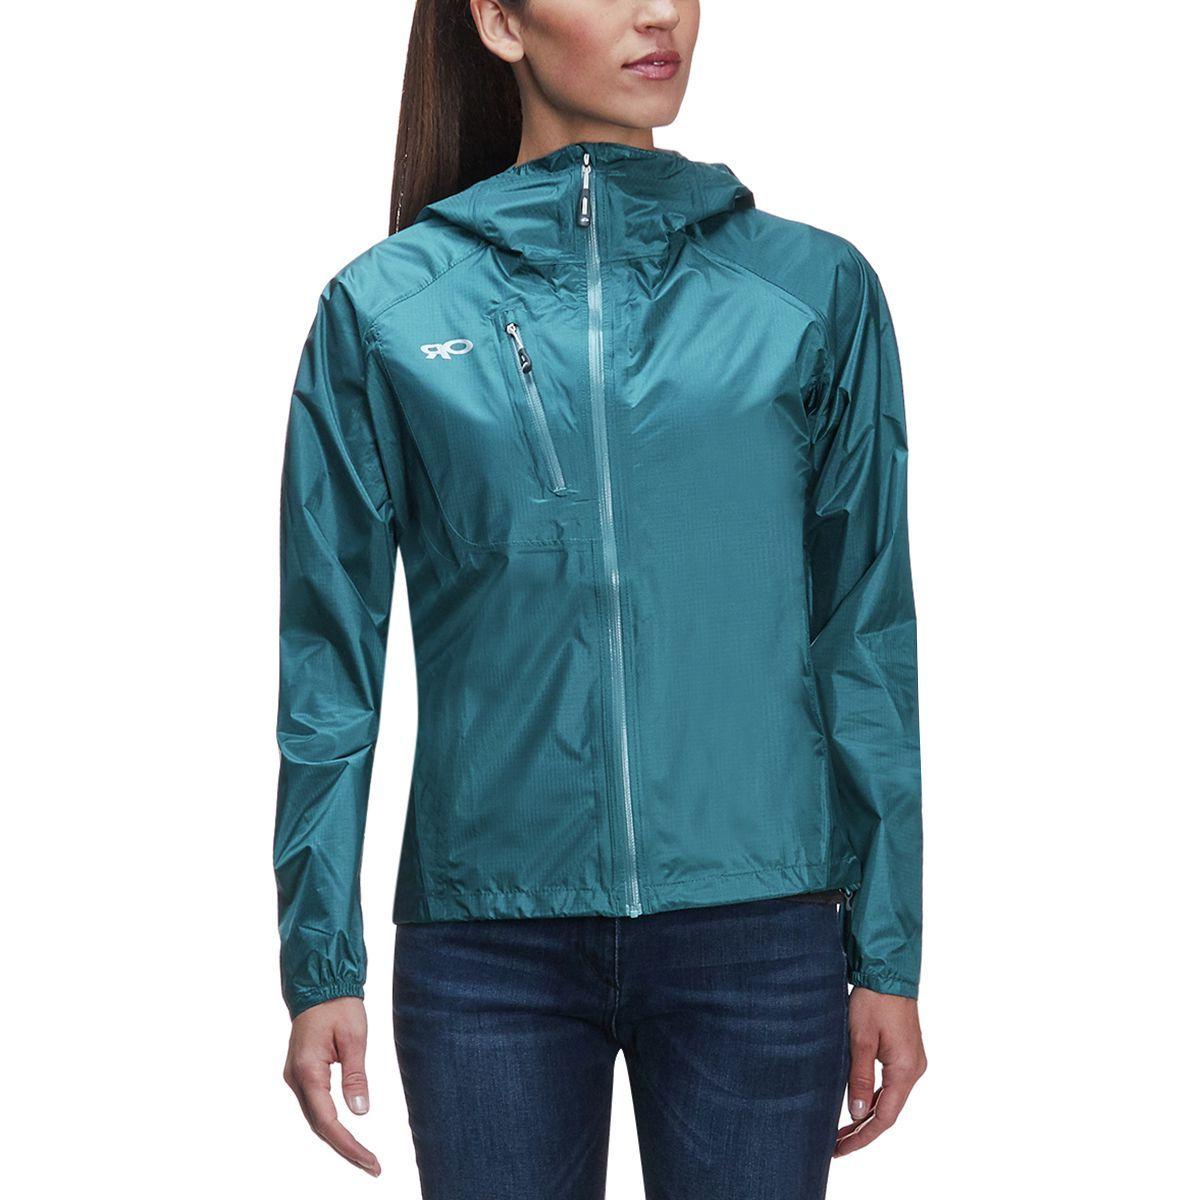 Outdoor Research Helium II Jacket - Women's